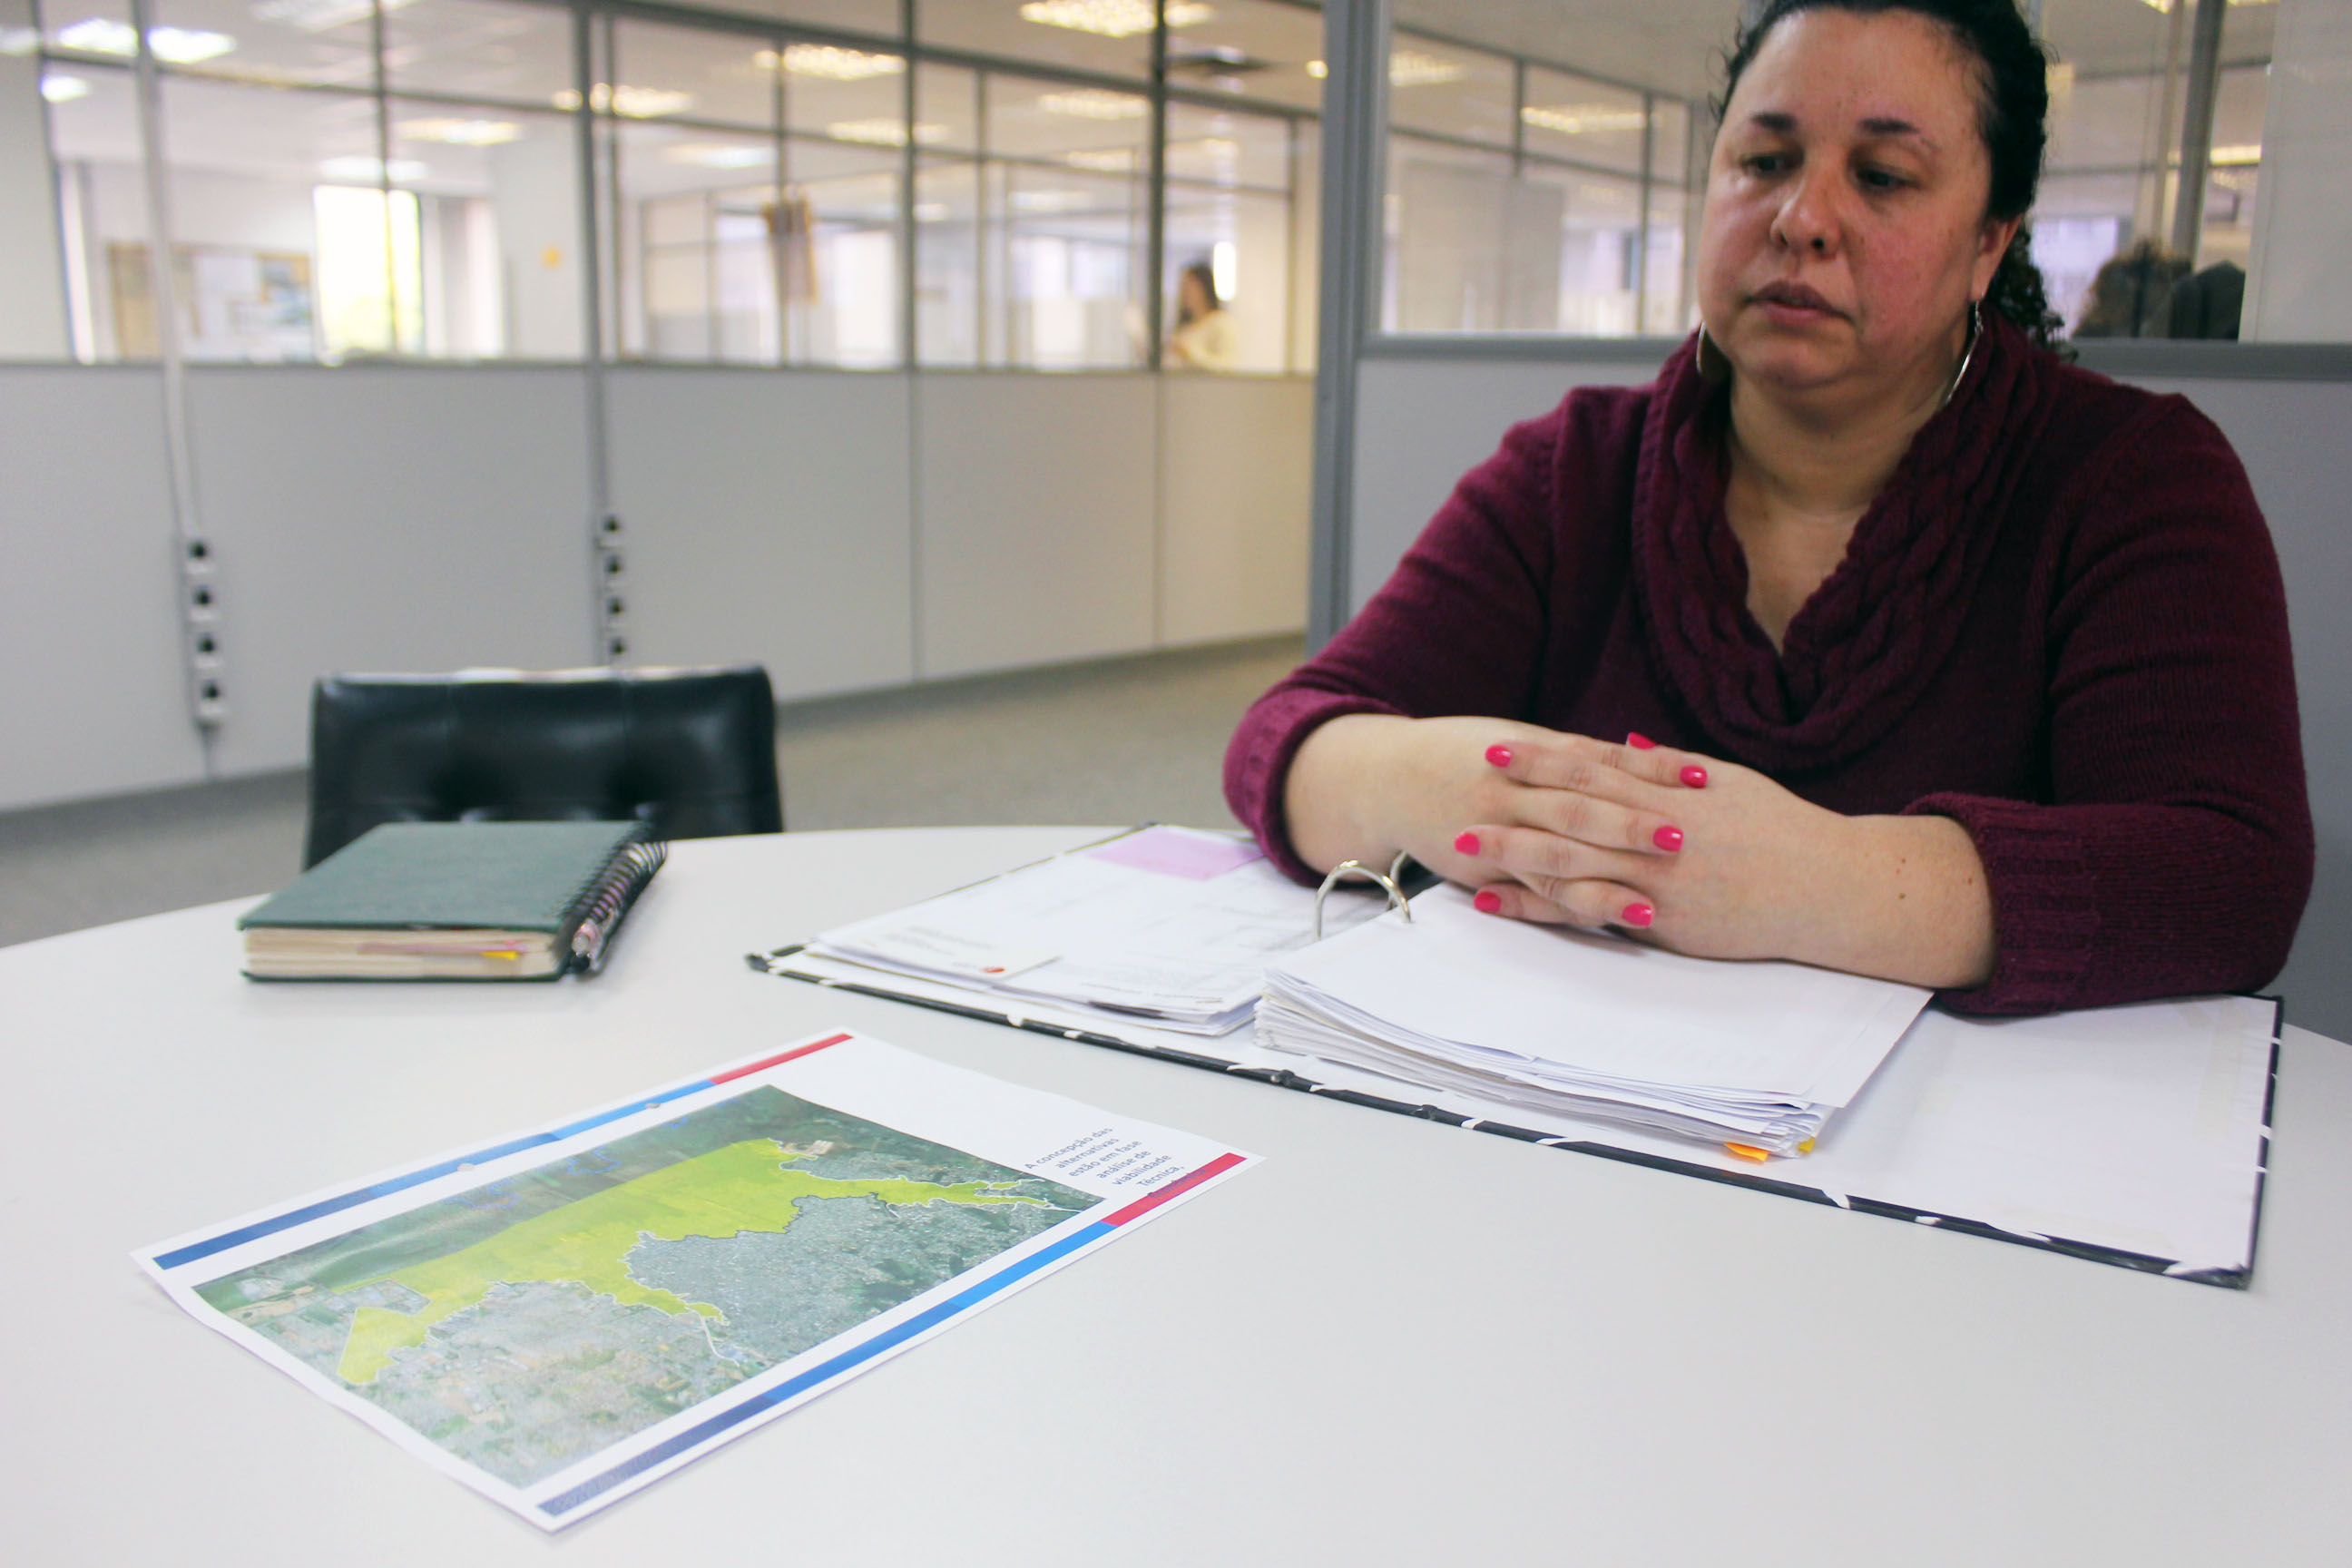 Engenheira da Metroplan, Paula Pinto explica que o projeto é complexo devido as questões sociais envolvidas   Foto: Jonathas Costa / OA